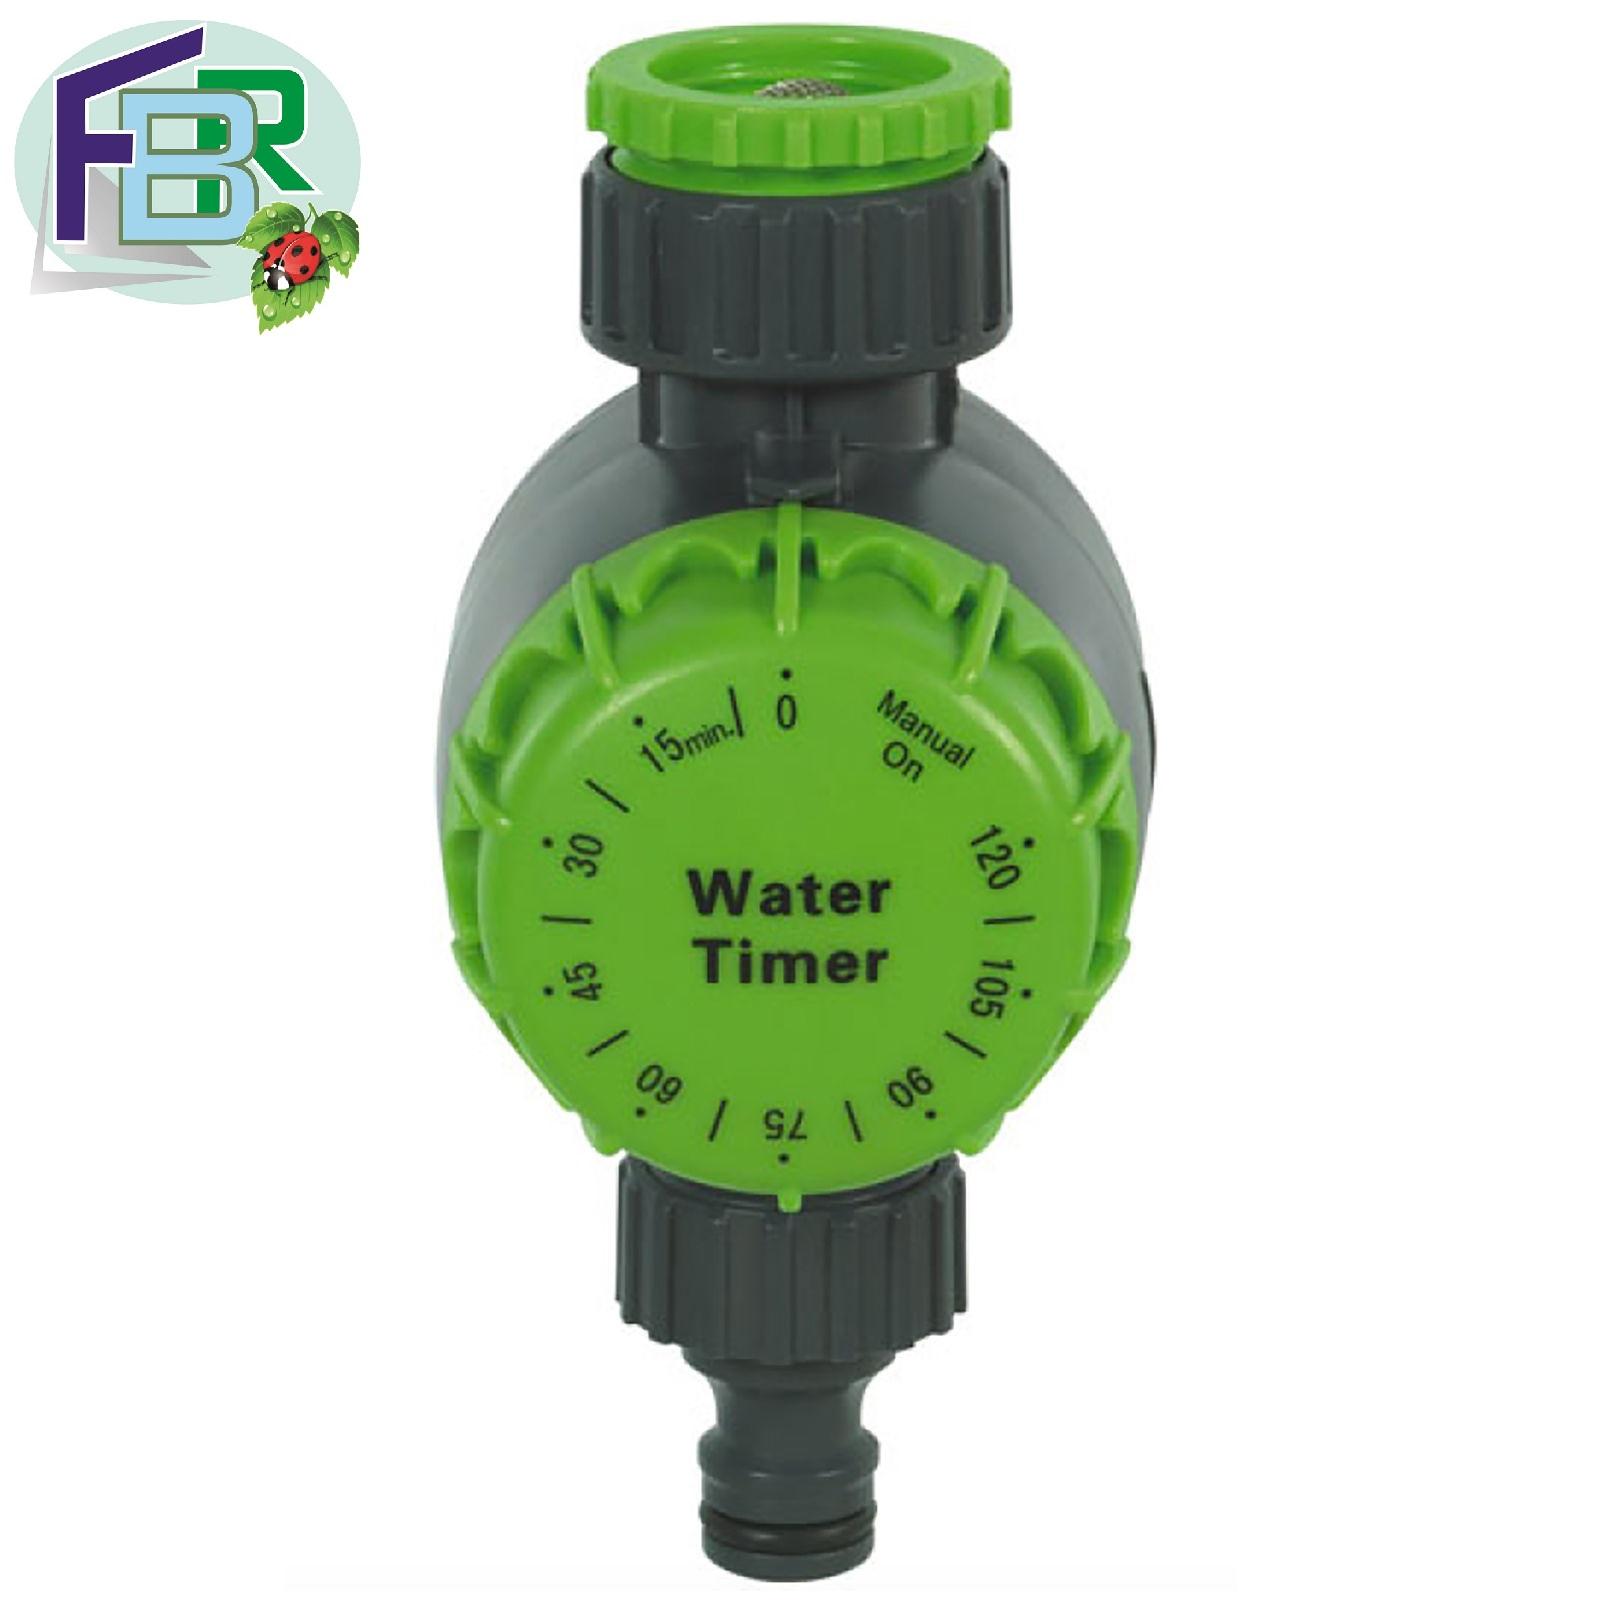 Timer Manuale Di Irrigazione Con Presa Rubinetto 3 4 Per Cura Giardino Ribiland